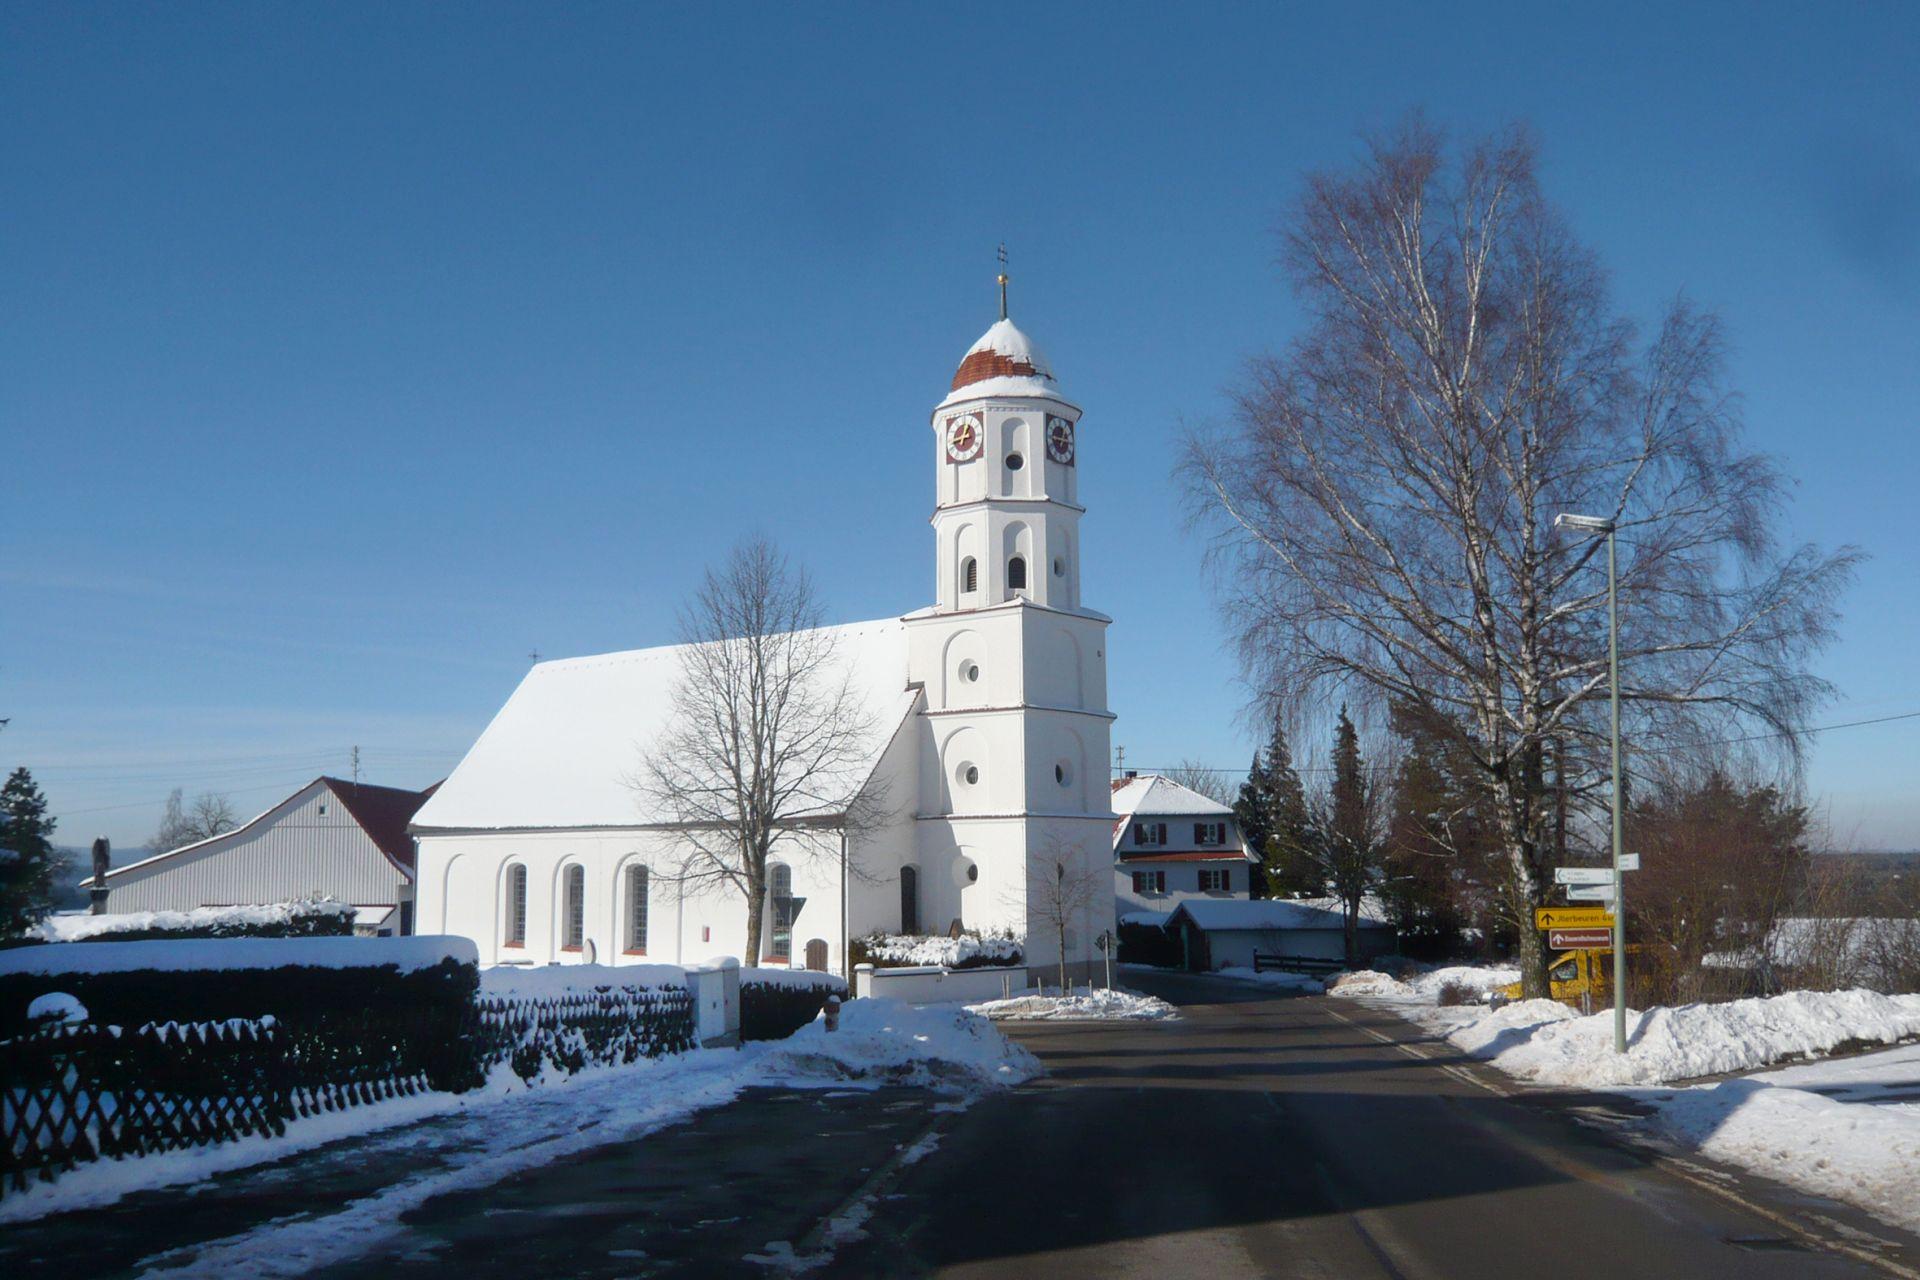 Filialkirche Kronburg